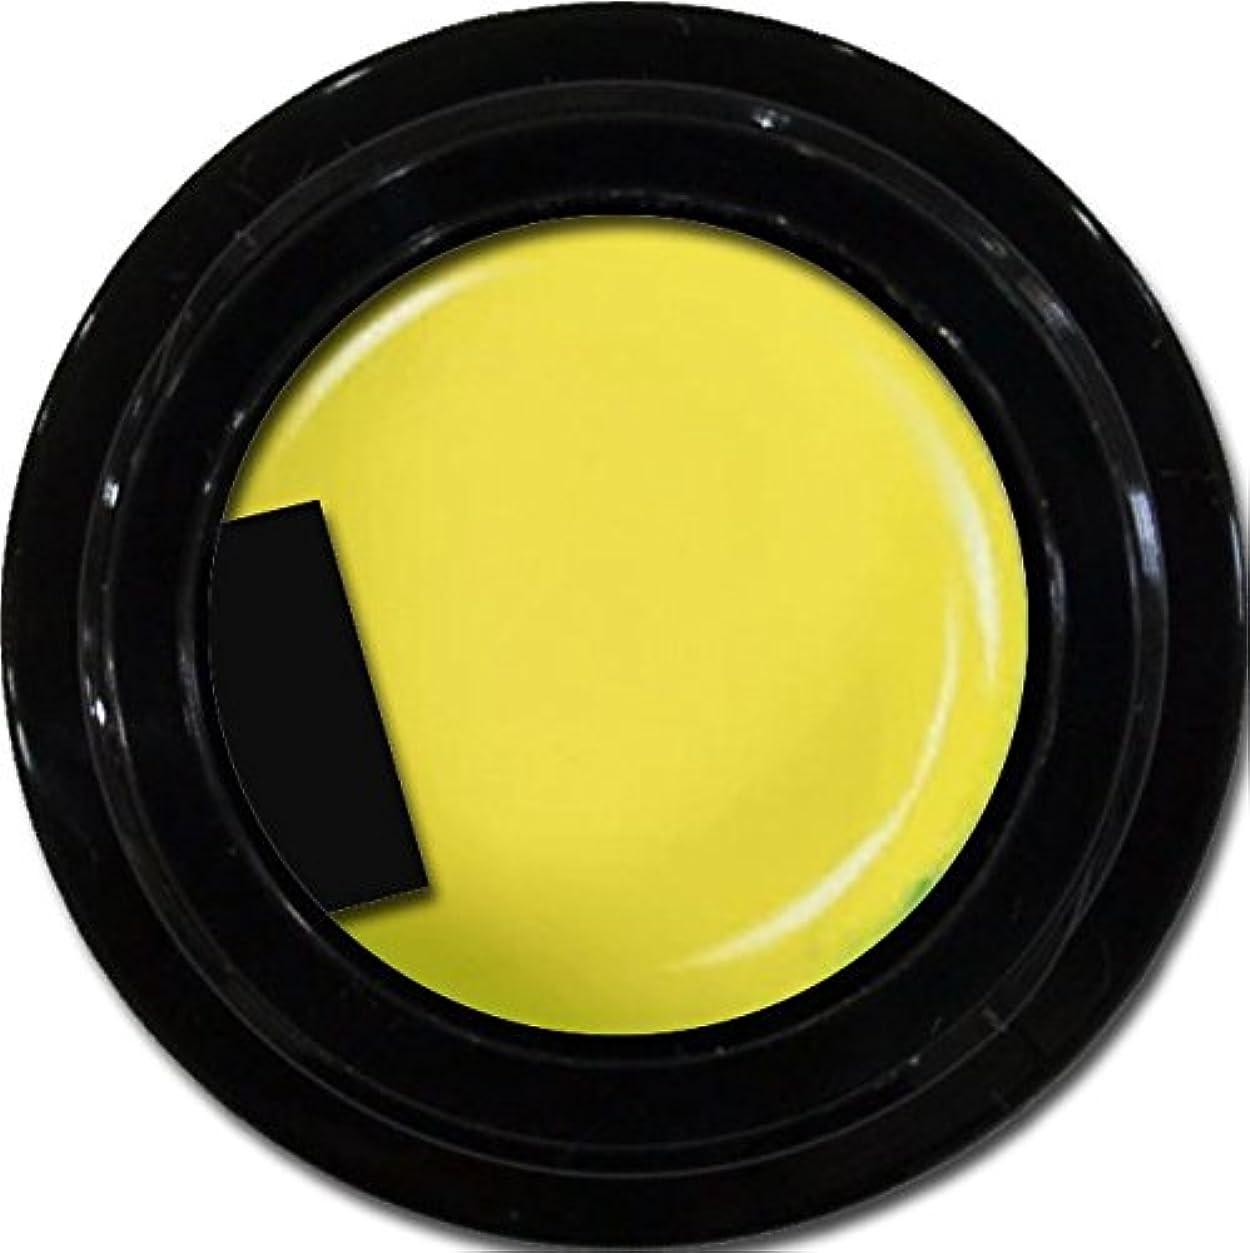 うっかりモバイル知性カラージェル enchant color gel M602 MoroccoYellow 3g/ マットカラージェル M602 モロッコイエロー 3グラム